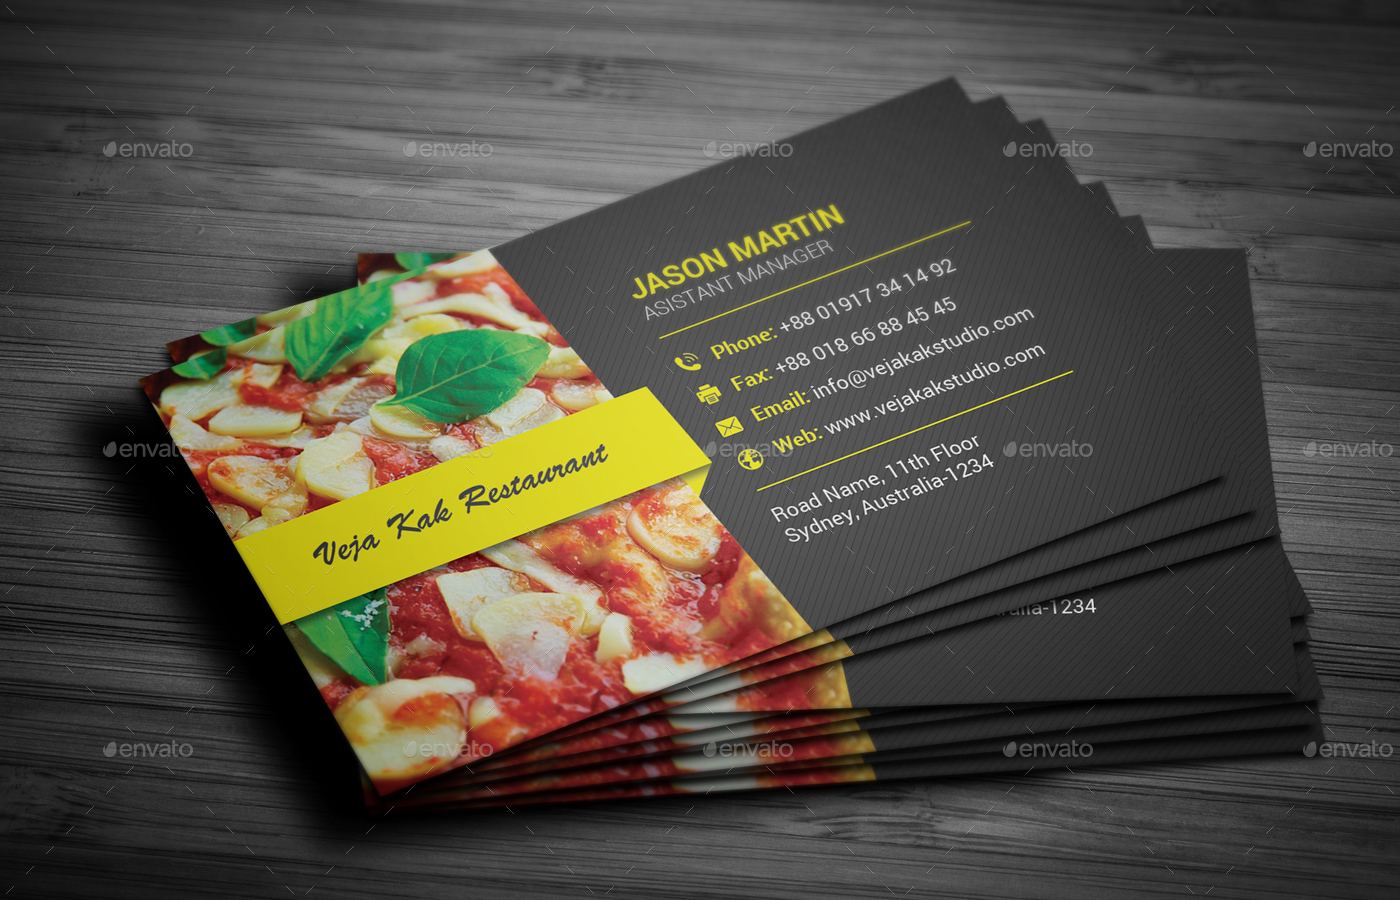 Restaurant Business Card by vejakakstudio | GraphicRiver